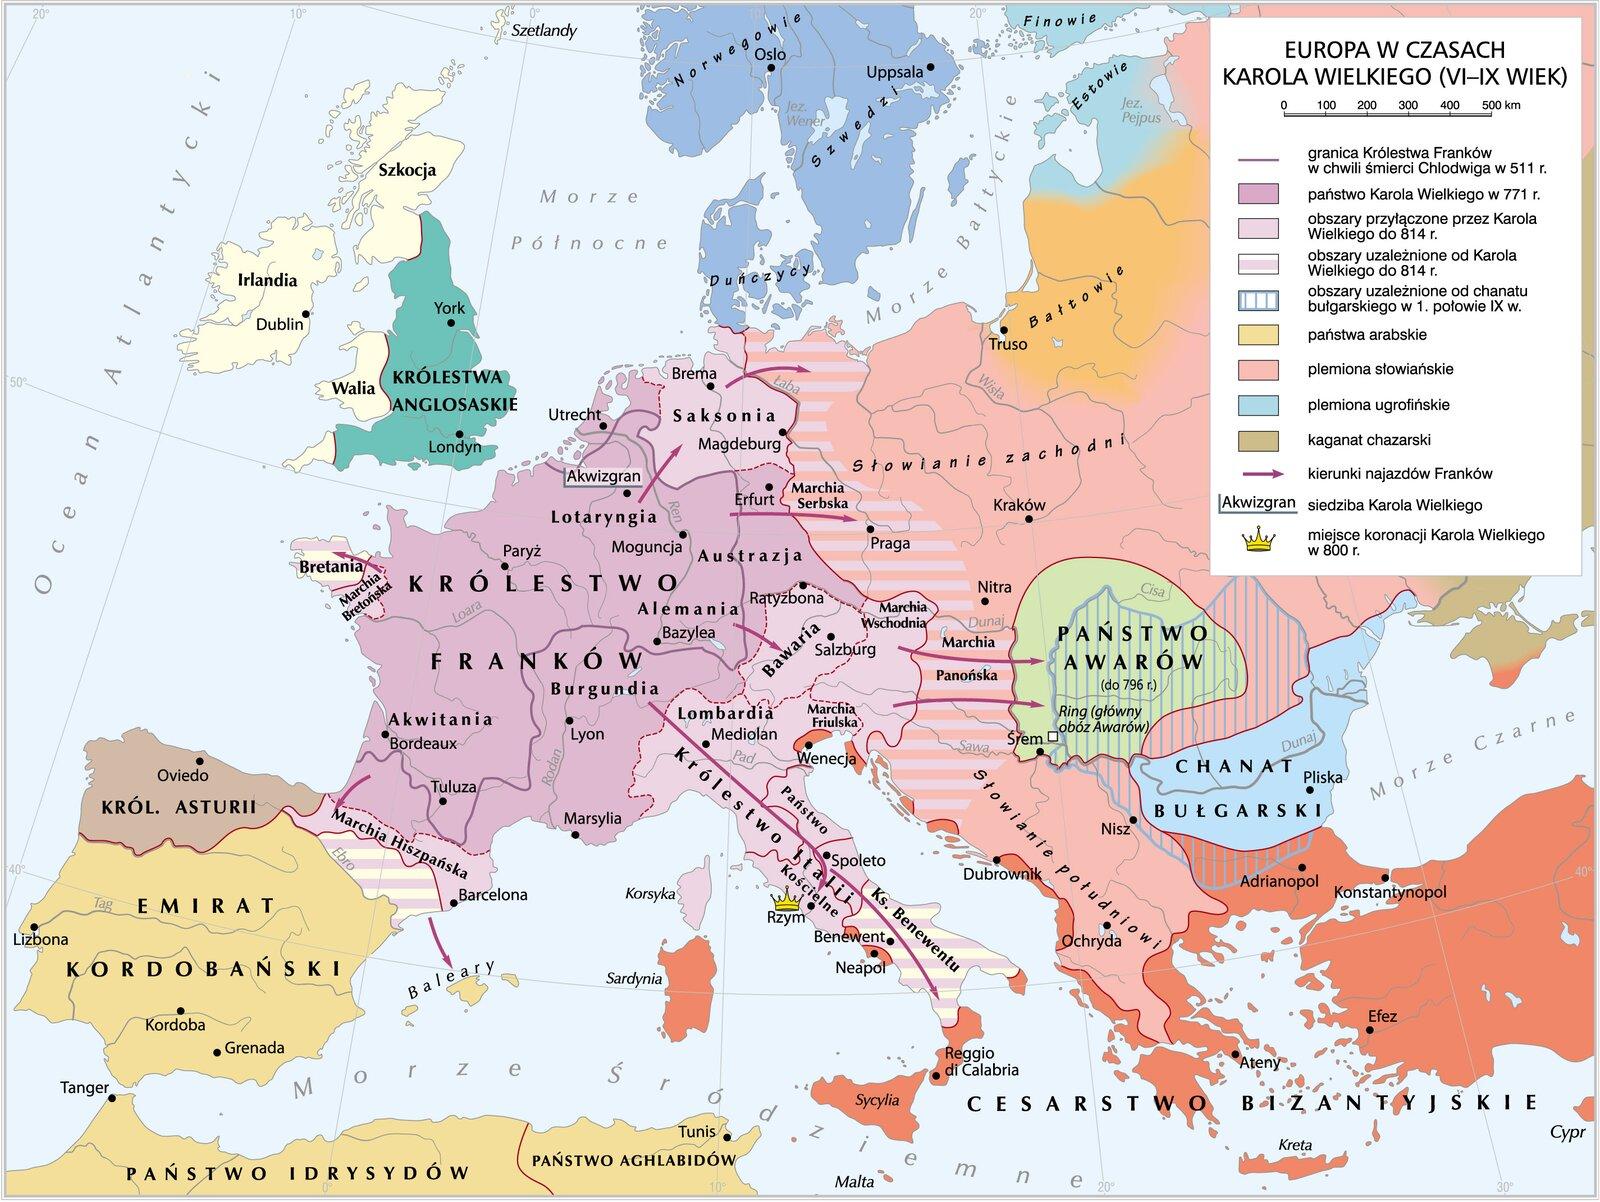 Europa wczasach Karola Wielkiego ( VI–X wiek) Europa wczasach Karola Wielkiego ( VI–X wiek) Źródło: Krystian Chariza izespół, mapa, licencja: CC BY 3.0.